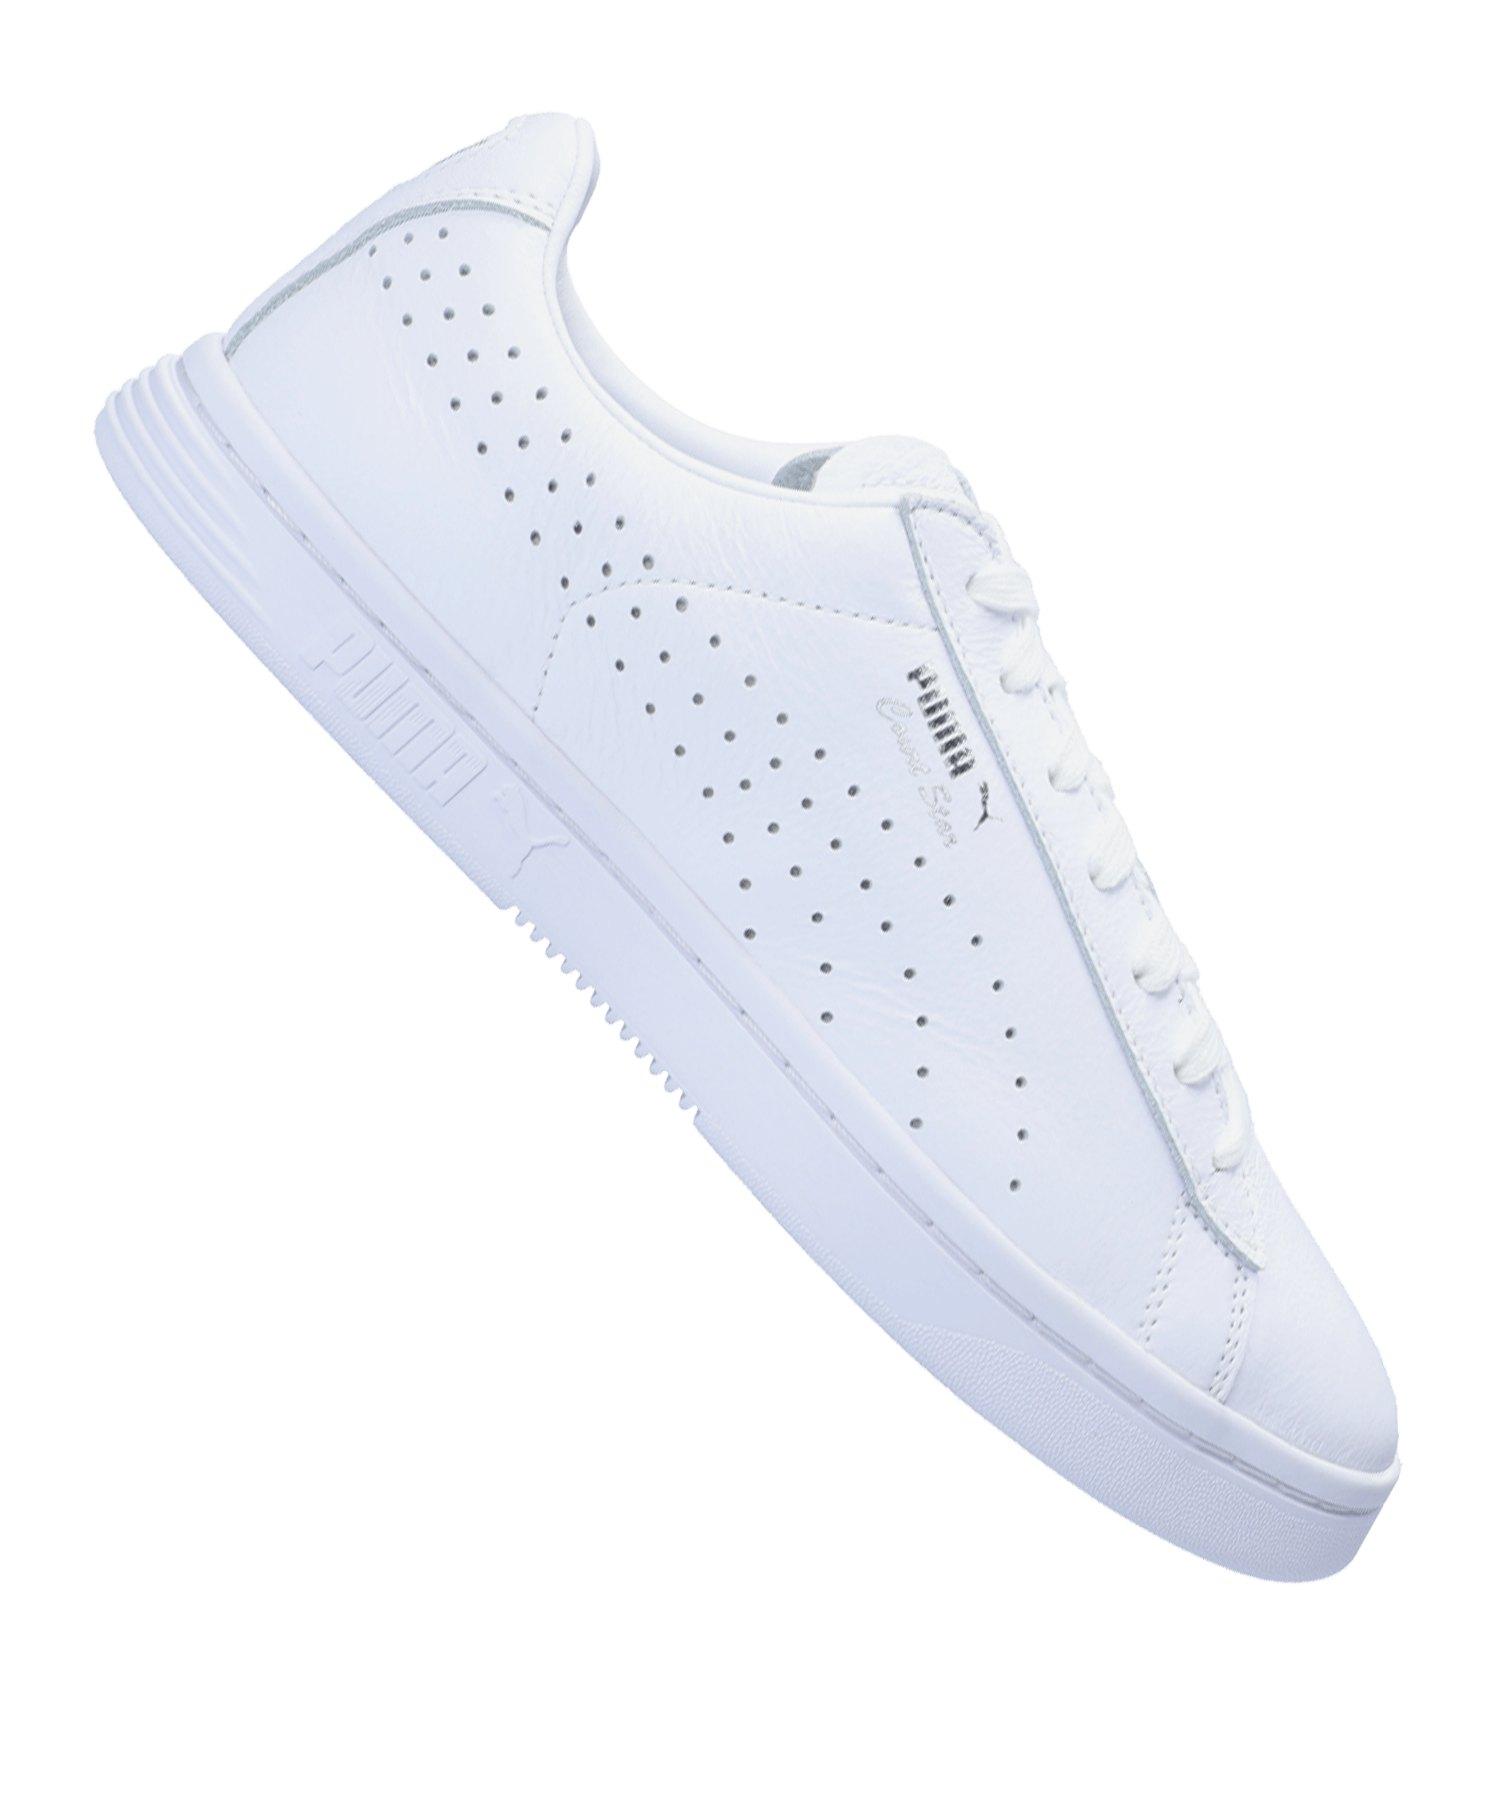 PUMA Court Star NM Sneaker Weiss F026 - weiss